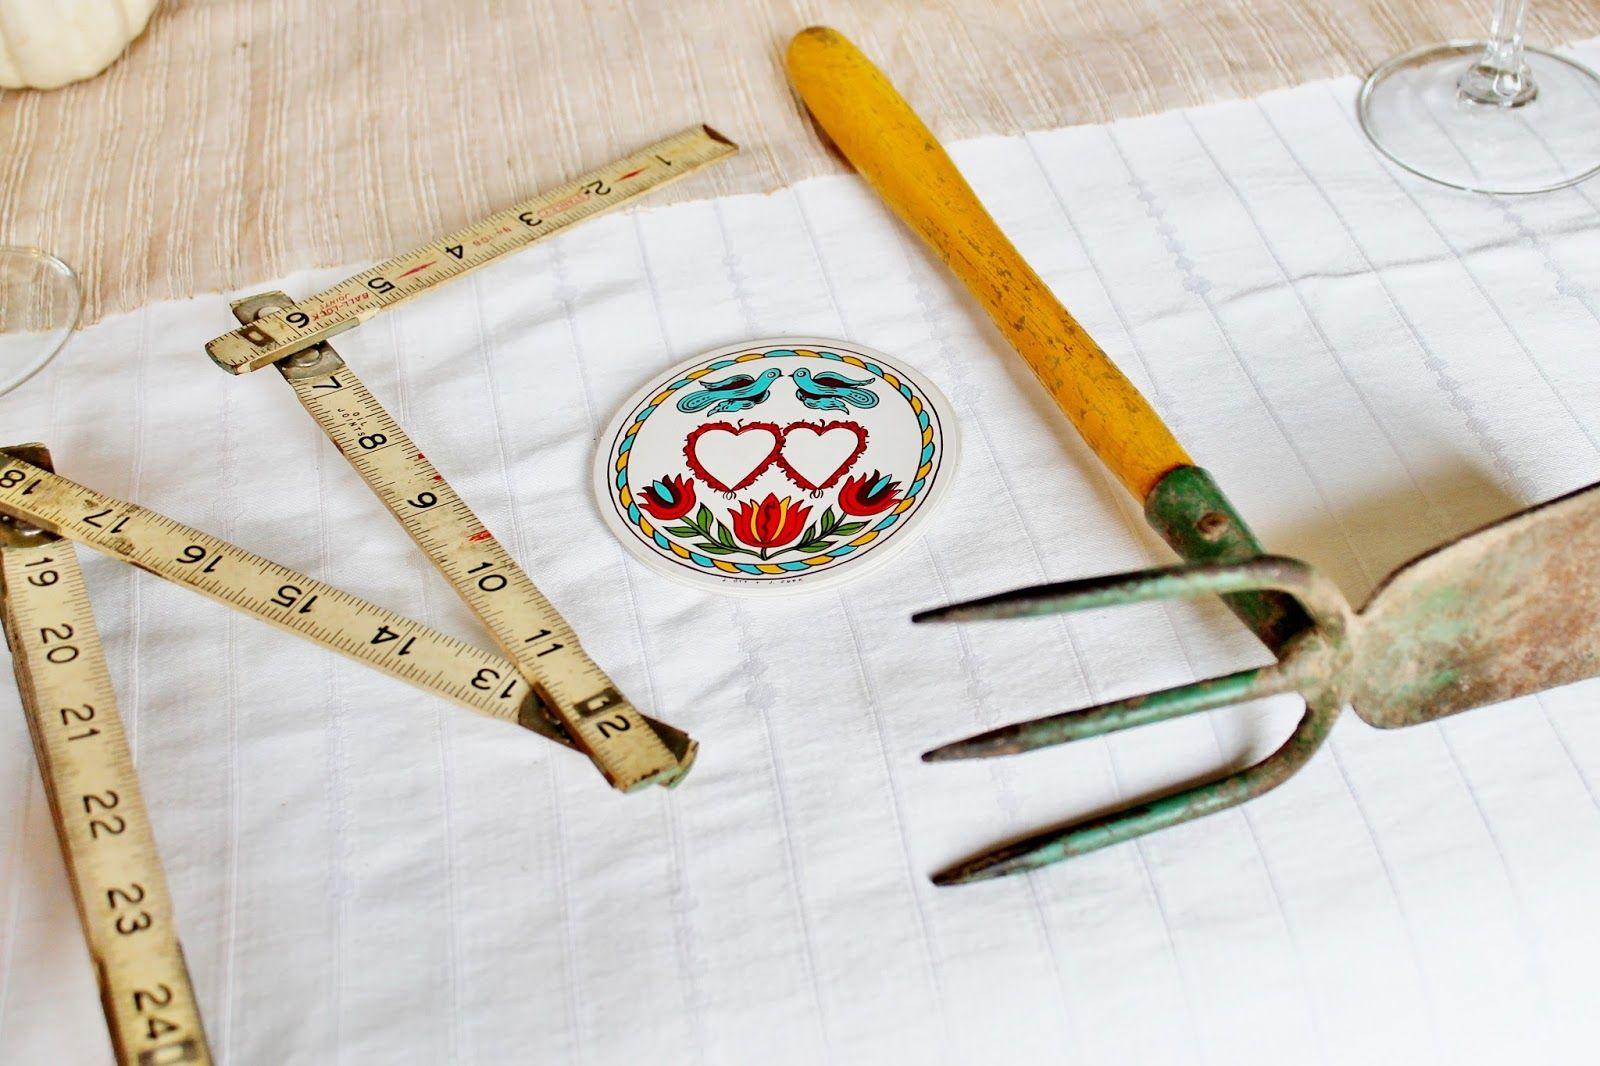 ruler 10.00 tool 8.00